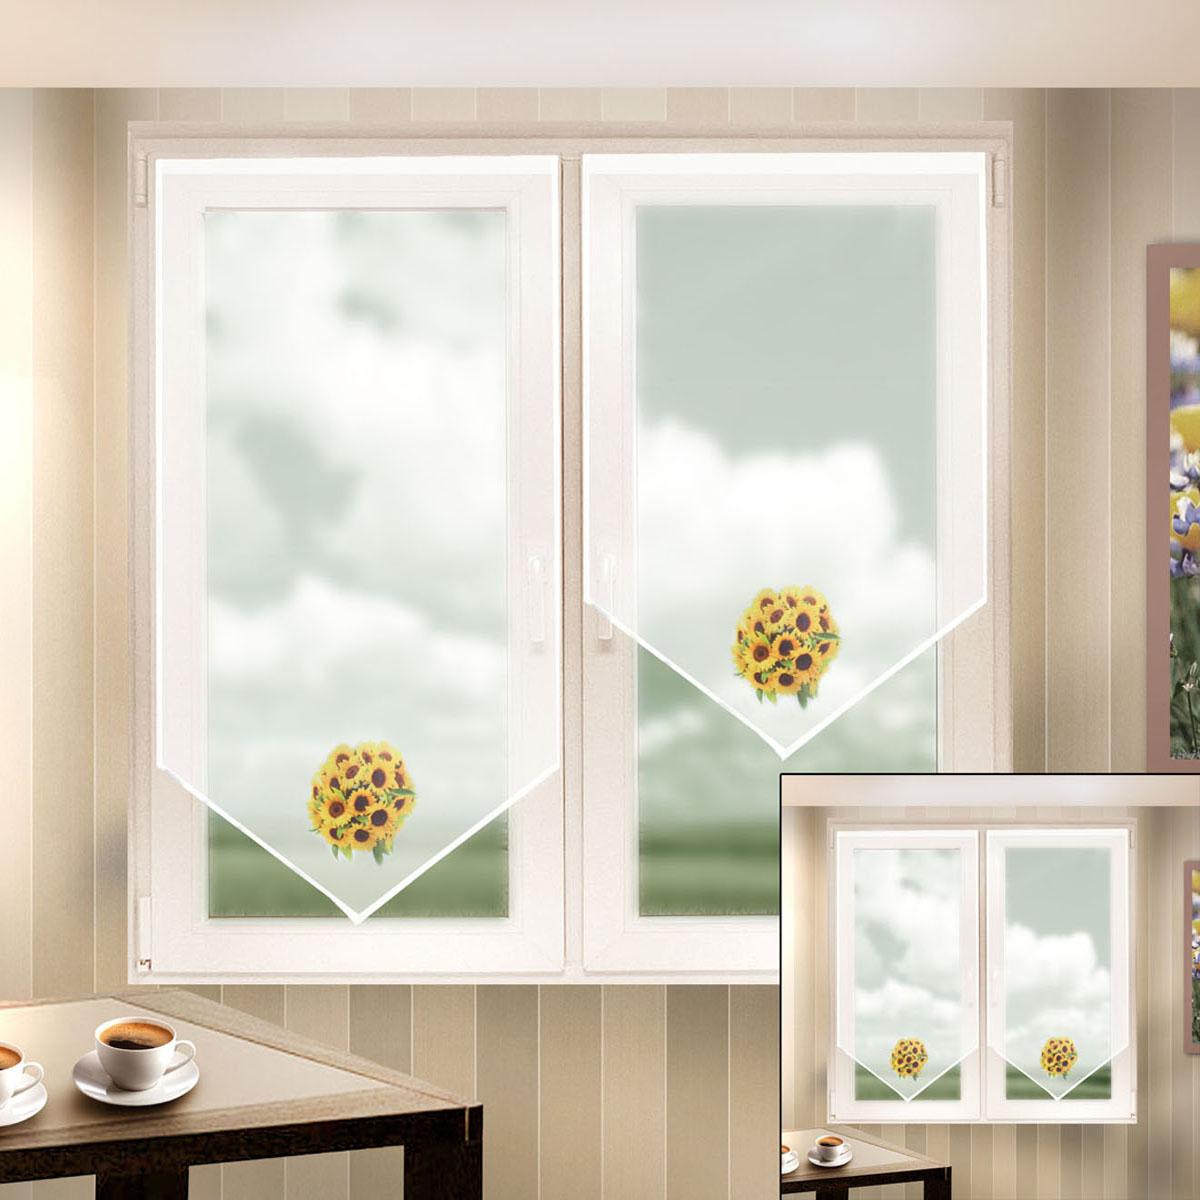 Гардина Zlata Korunka, цвет: белый, ширина 60 см, высота 90 см. 666046-24062205Штора из материала вуаль, для кухни, белого цвета с печатным рисунком. Крепление на липкой ленте, не требующее сверления стен и карниза. Многоразовое и мгновенное крепление. Штора - шир.60 х выс.90Размеры: ширина 60* высота 90